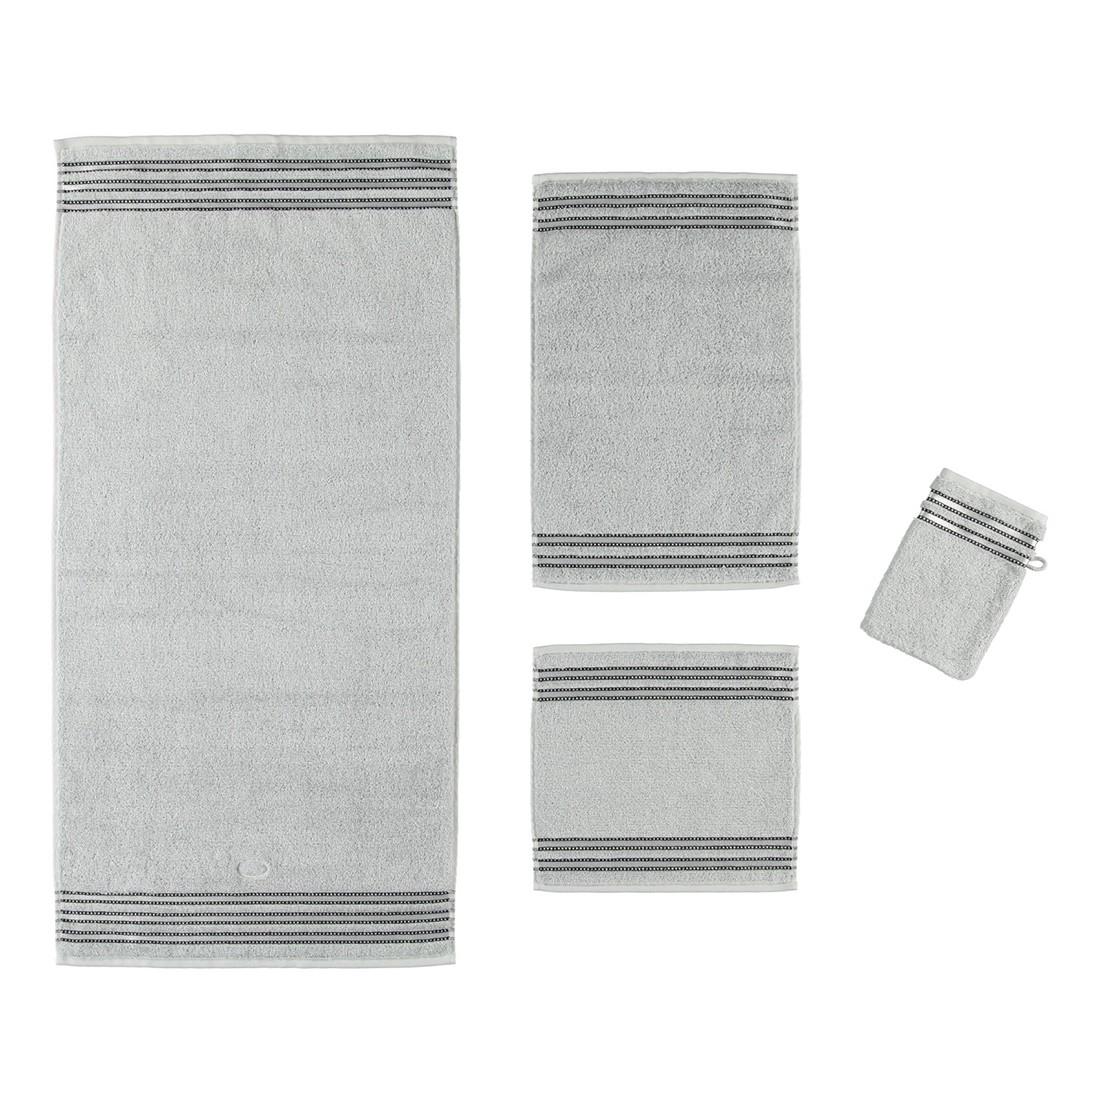 Handtuch Cult de Luxe – 100% Baumwolle light grey – 721 – Handtuch: 50 x 100 cm, Vossen online kaufen